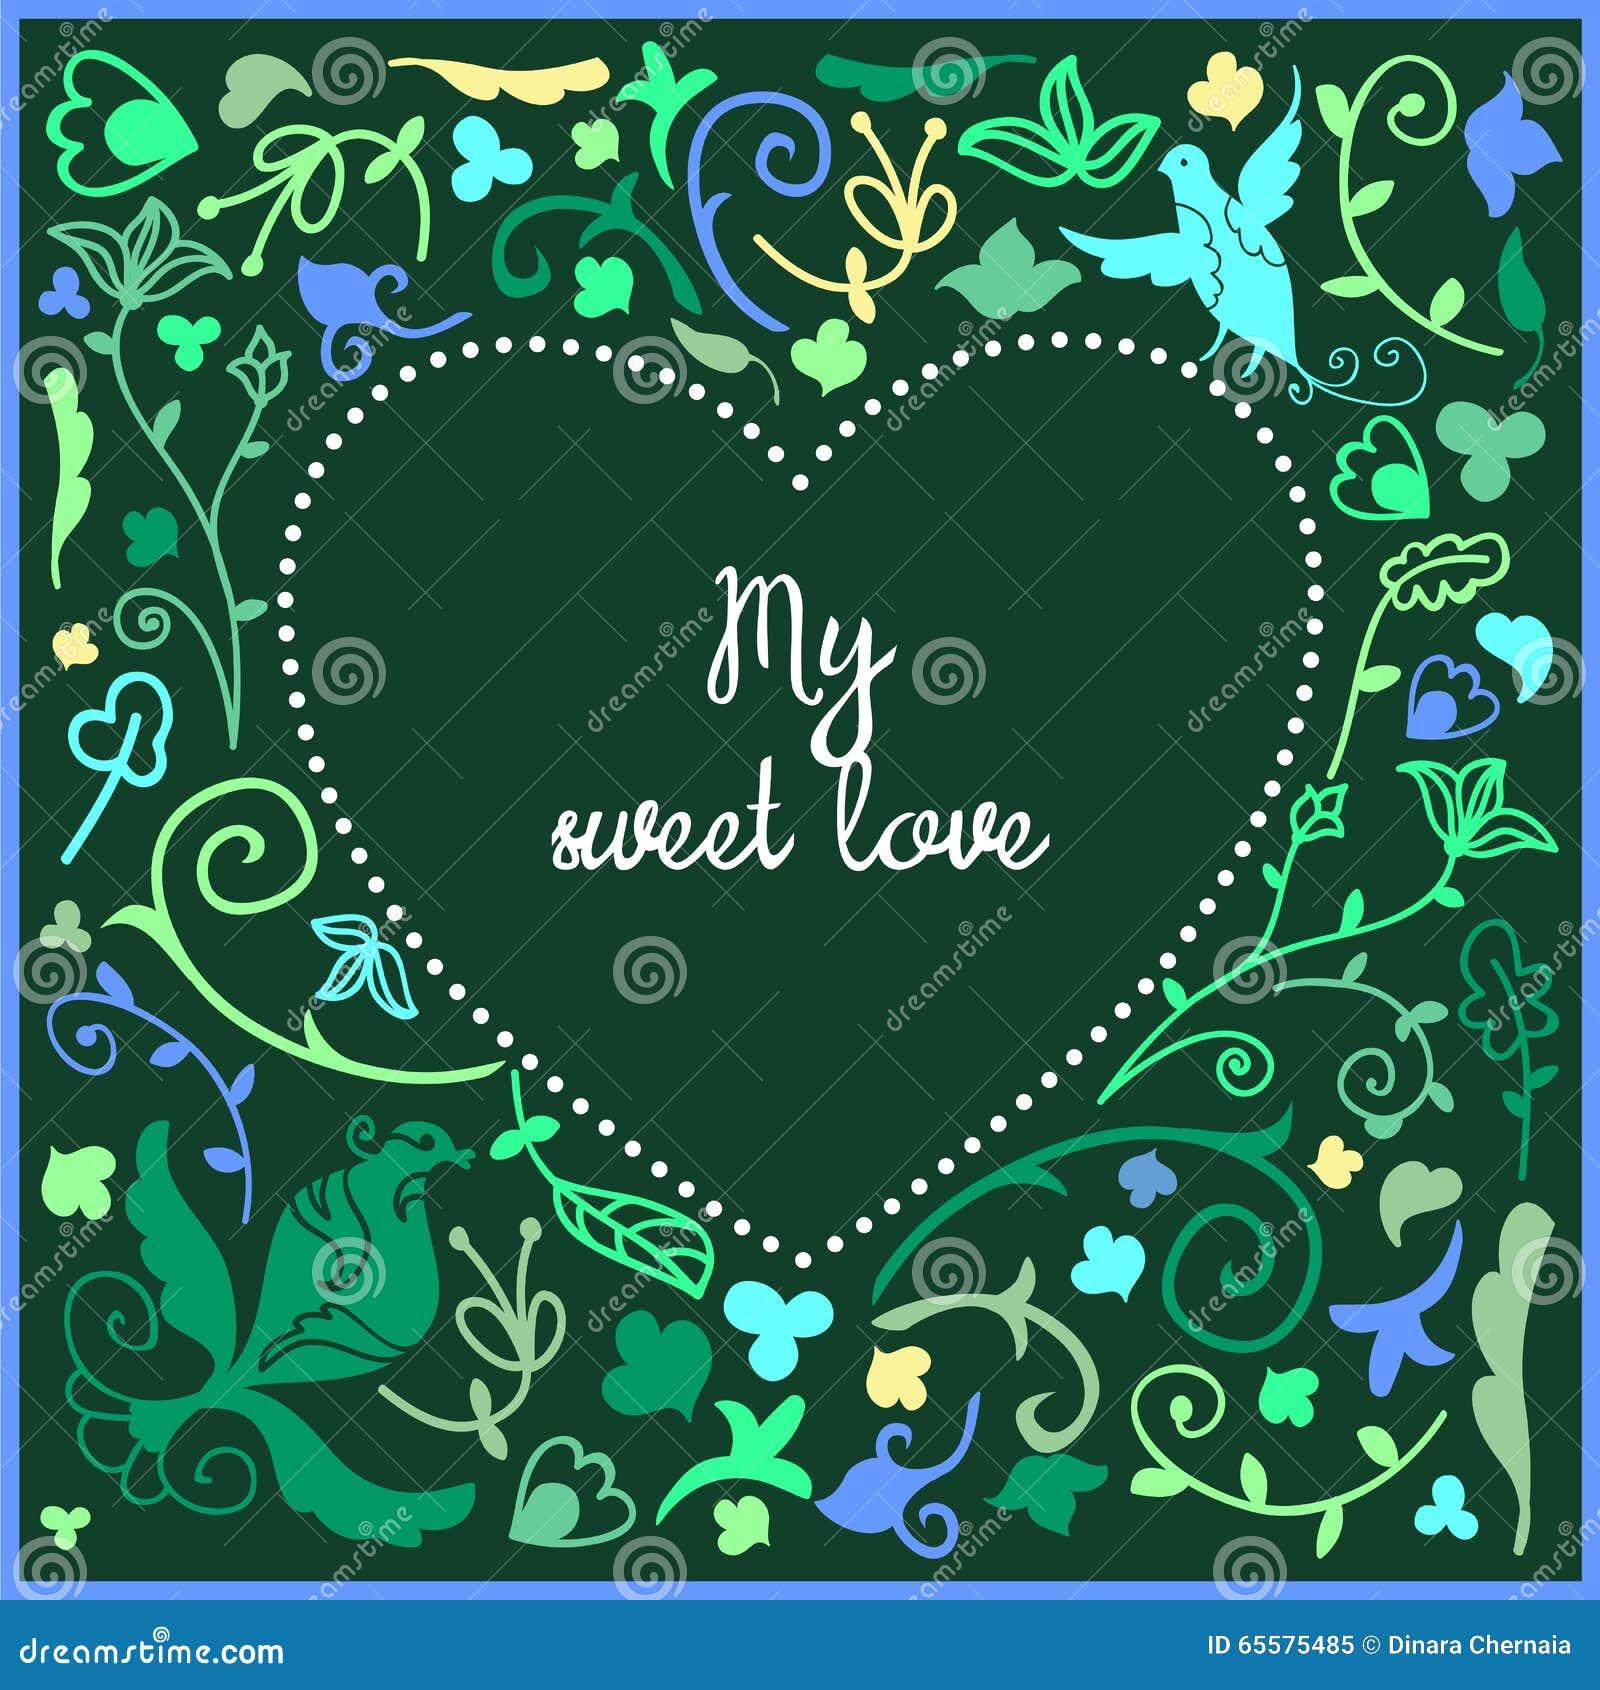 Quadro bonito da garatuja do coração com fundo floral e espaço vazio no centro para o texto